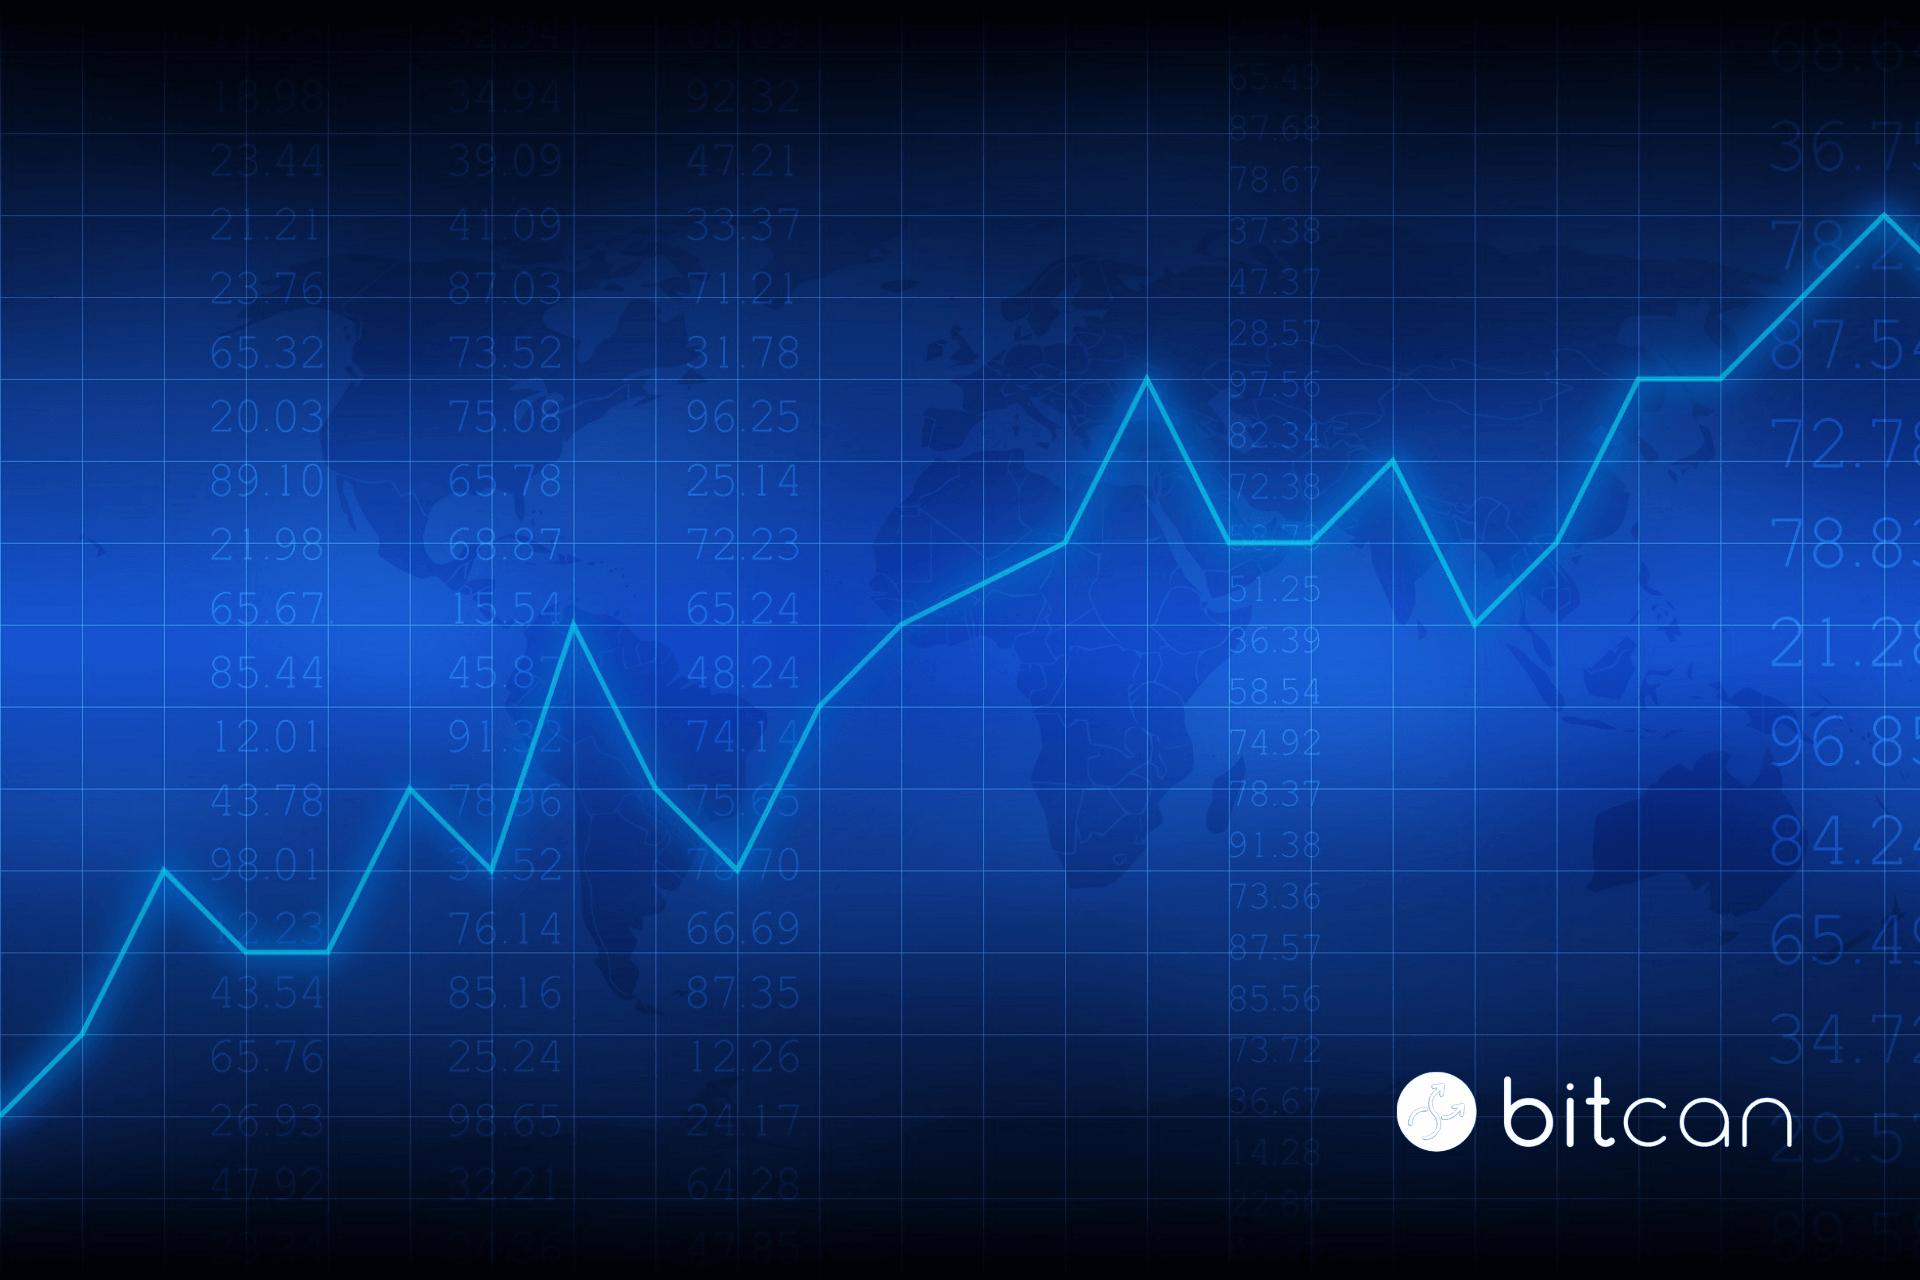 Czy bitcoin w 2021 r. będzie kosztował ponad 300 tys. dolarów?